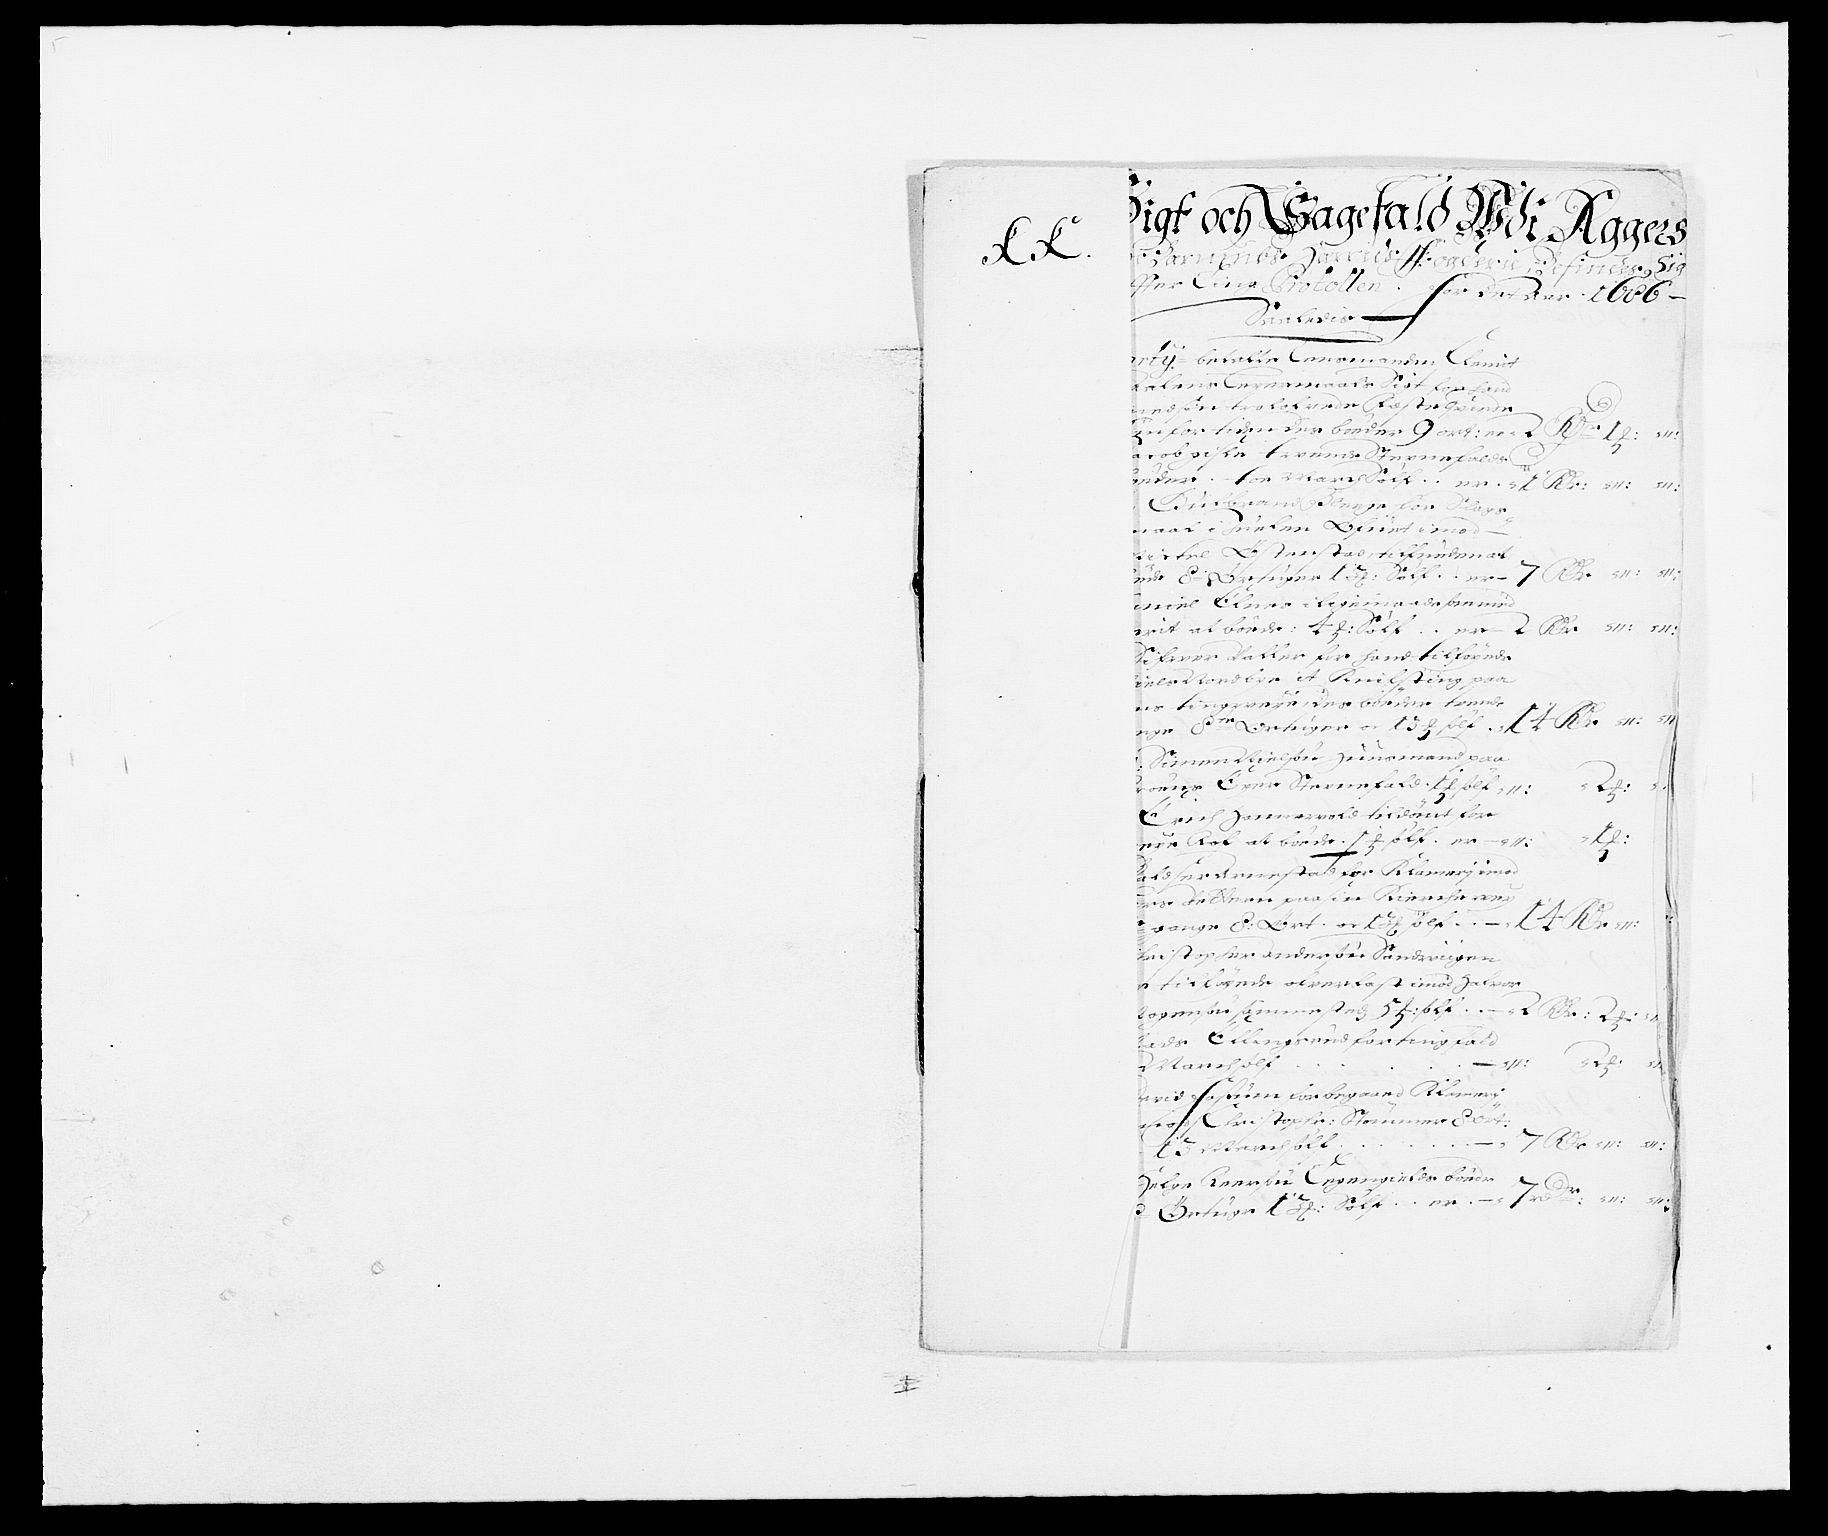 RA, Rentekammeret inntil 1814, Reviderte regnskaper, Fogderegnskap, R08/L0422: Fogderegnskap Aker, 1684-1686, s. 32